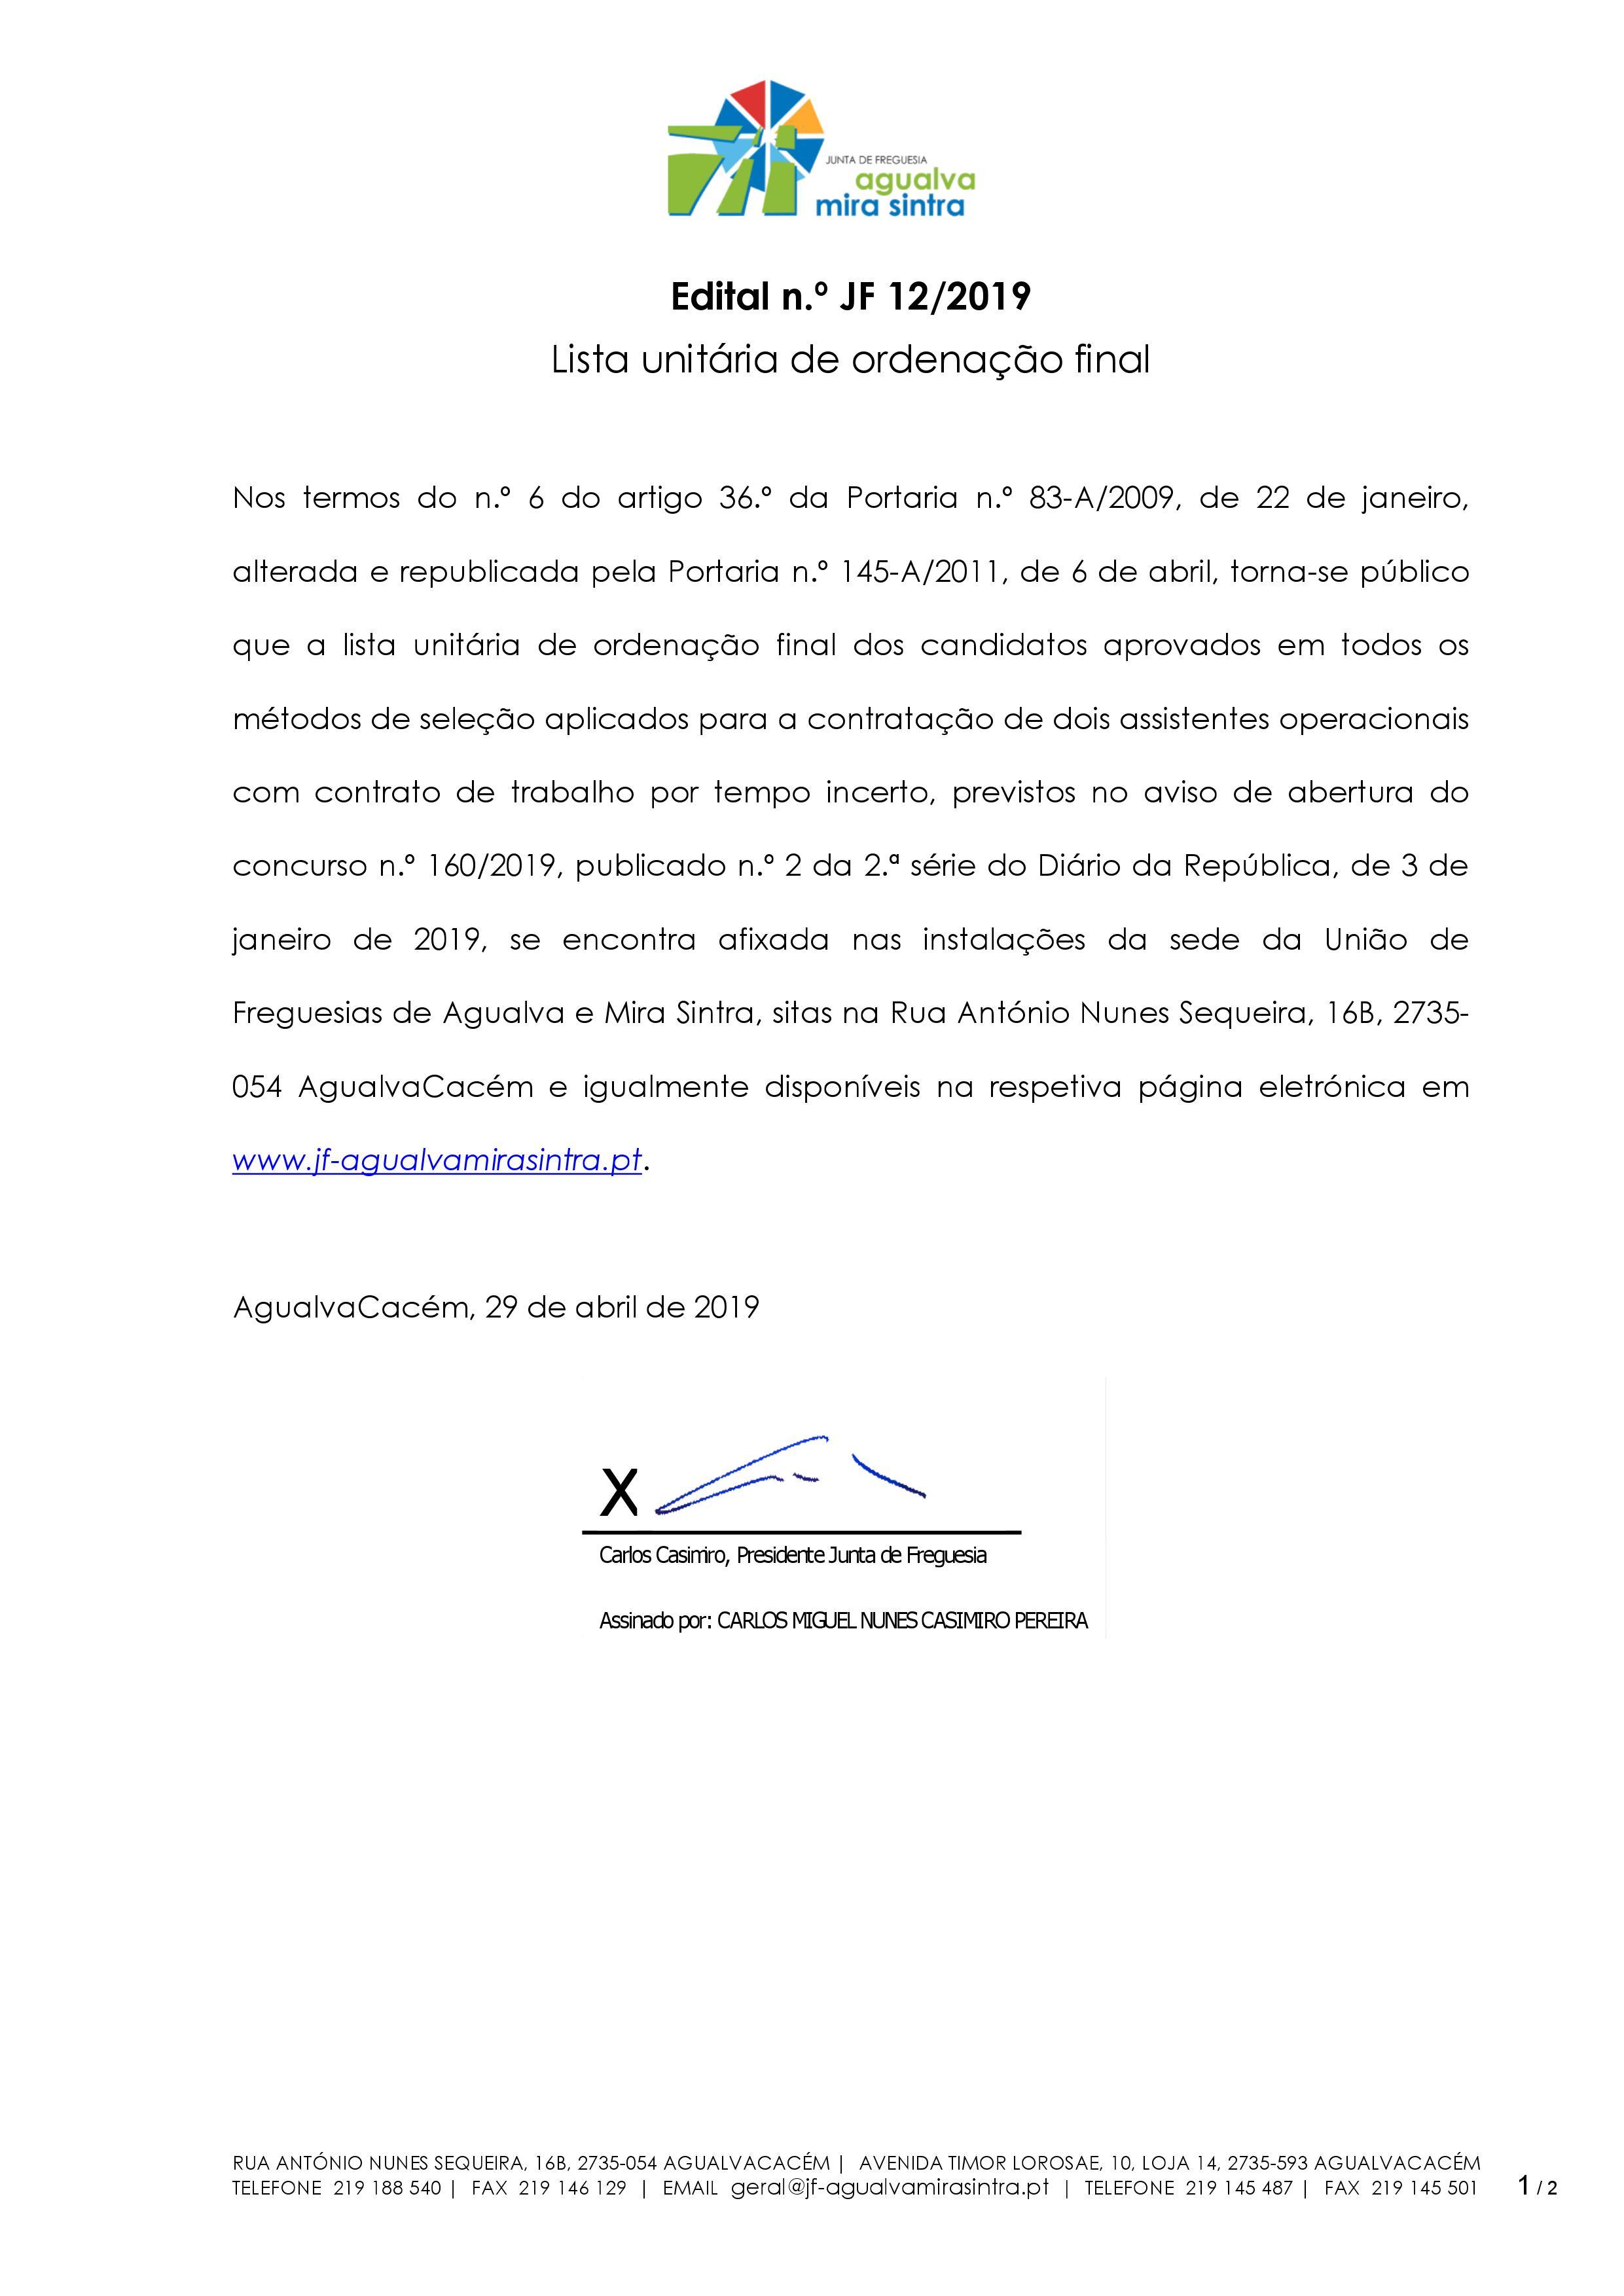 Concurso Público nº 160/2019